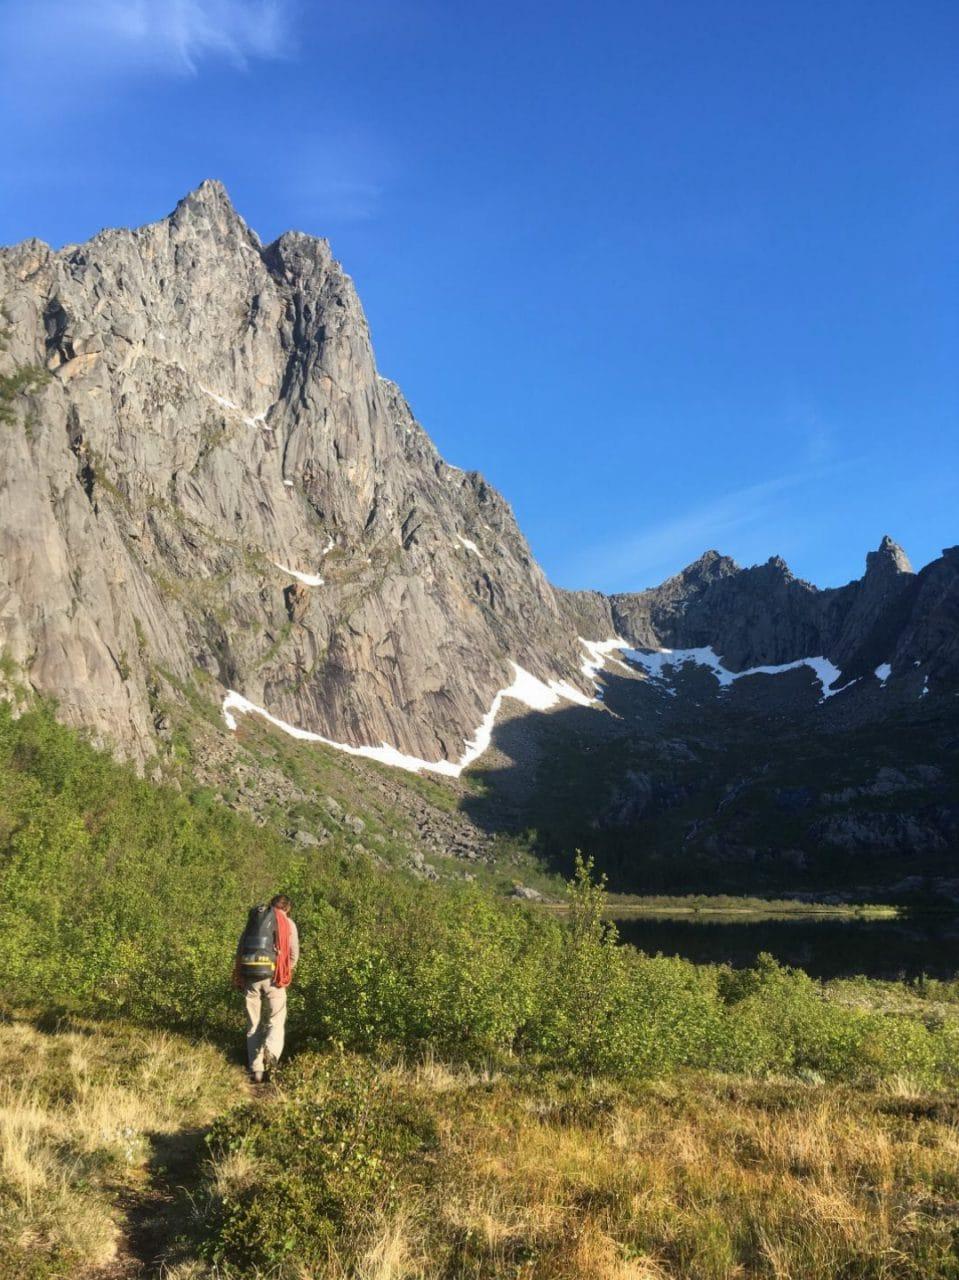 lofoten-norvege-escalade-voyage-helyum-yann-nussbaumer-4